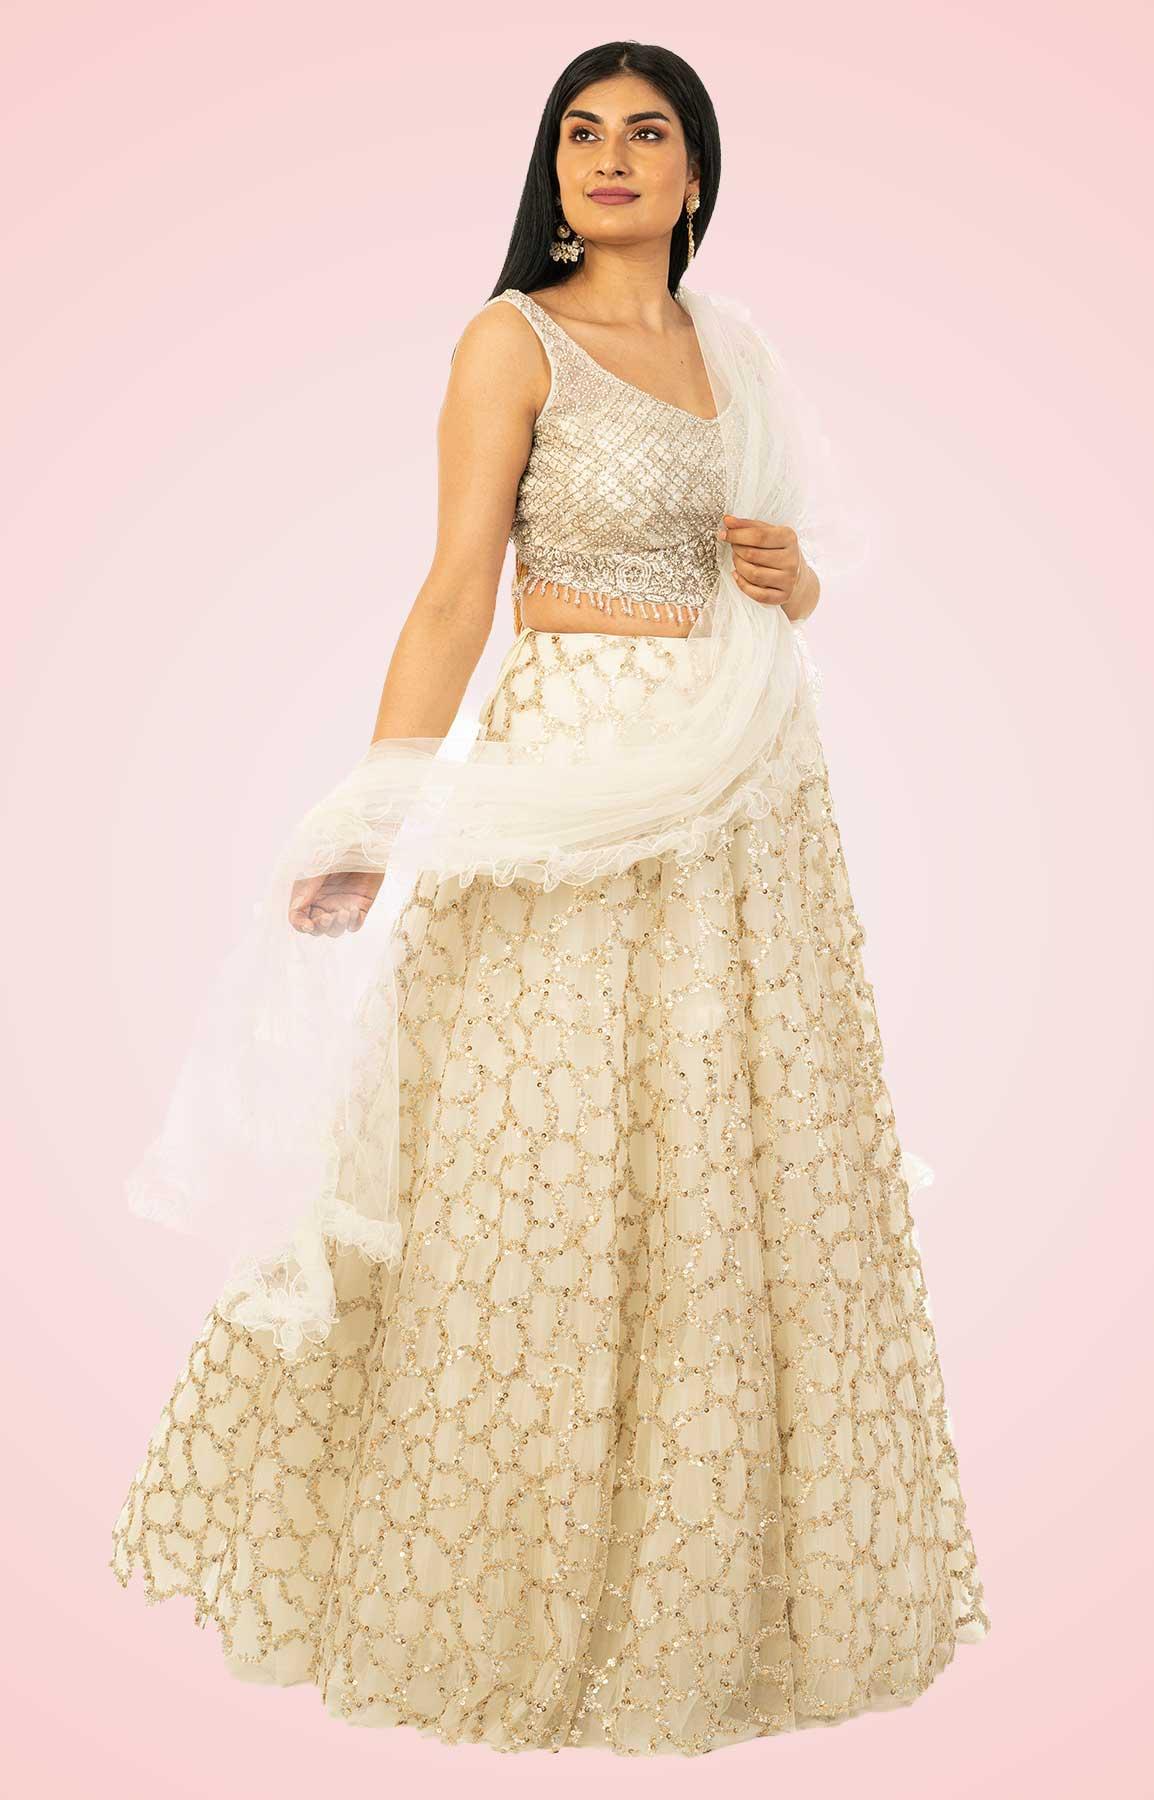 Off White Net Lehenga With Sequin Work – Viraaya By Ushnakmals